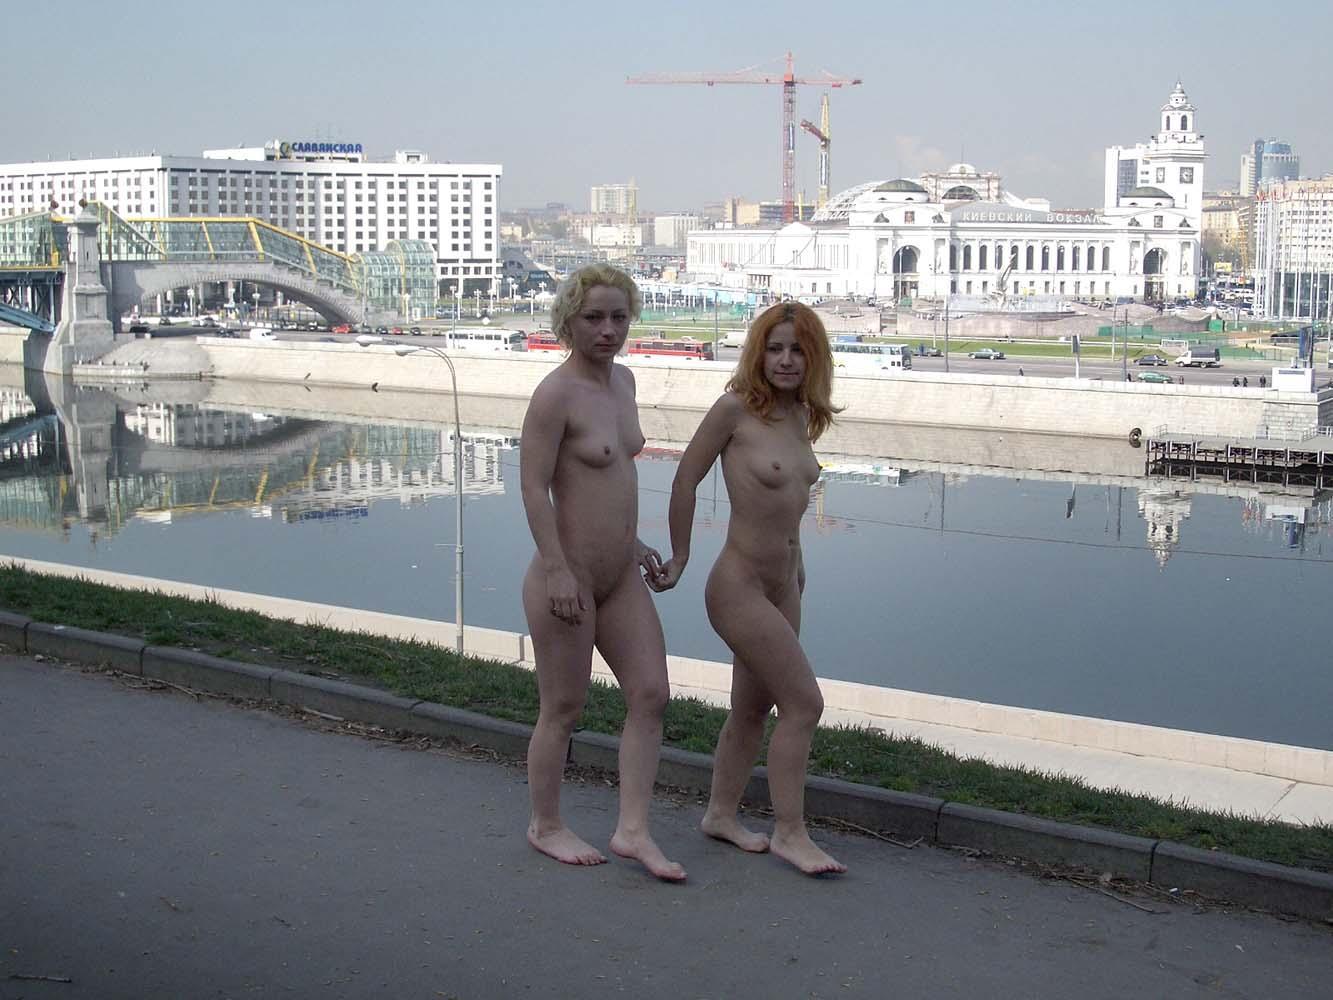 34d breast enlargement picture